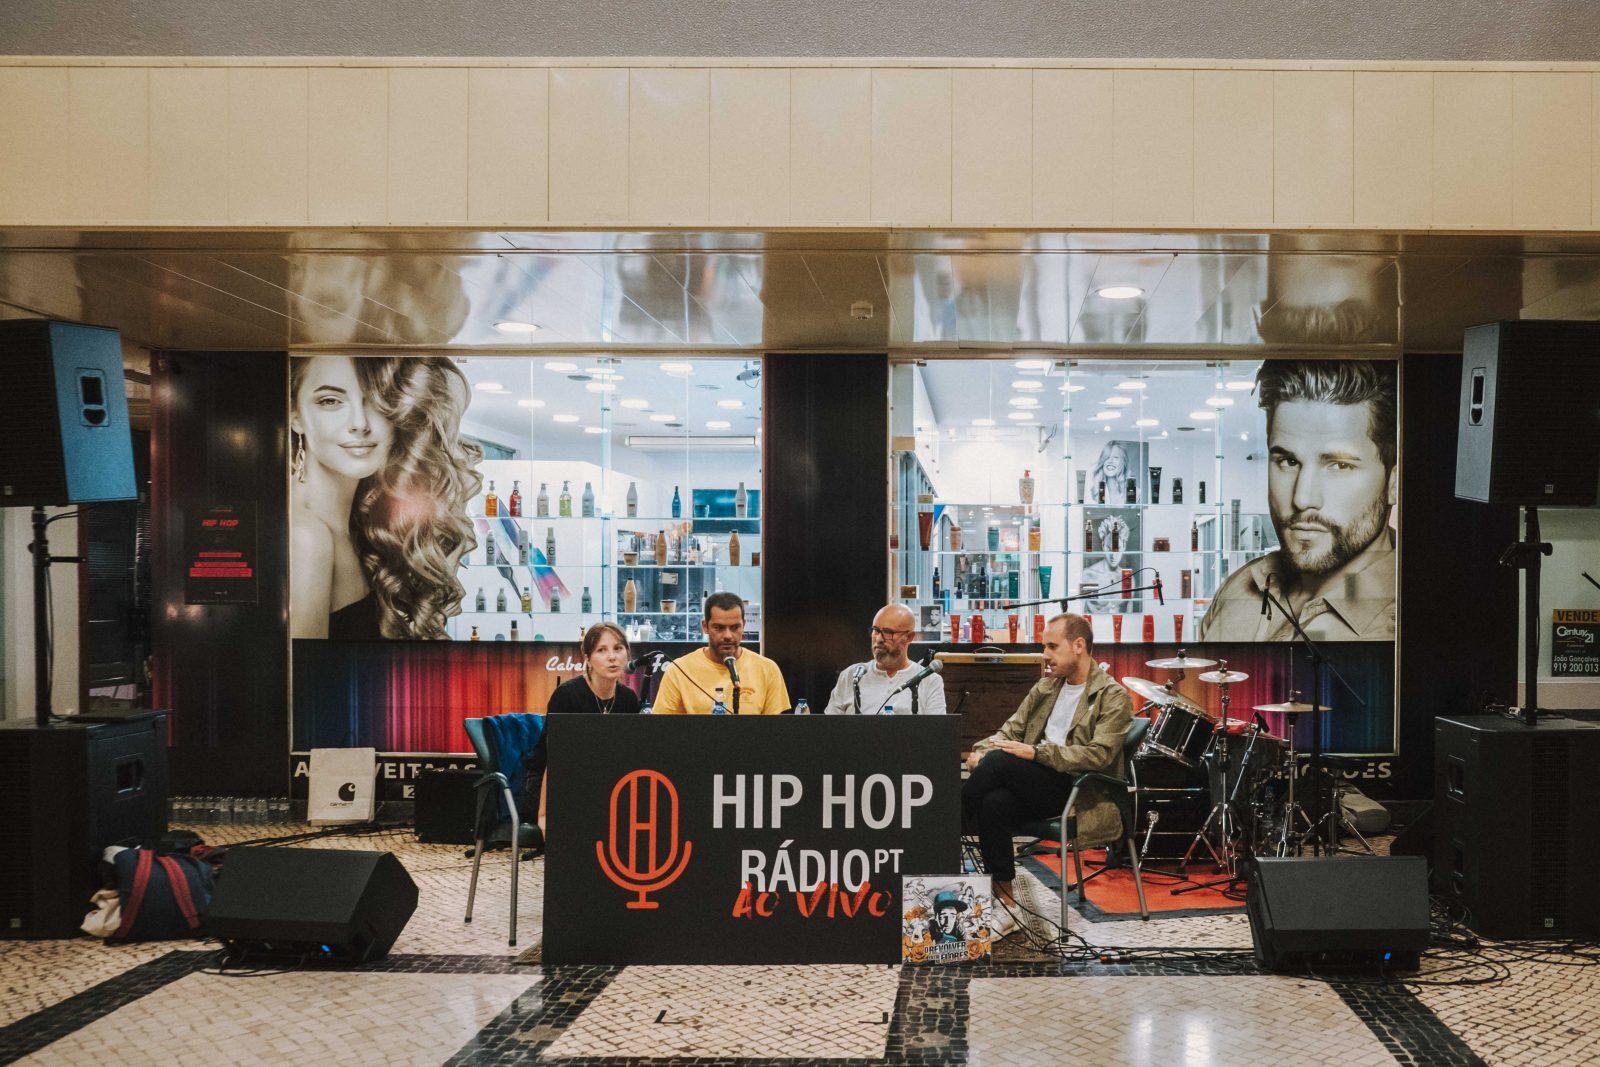 hip-hop-radio-ao-vivo-central-gerador-conversa-nga-nasty-varela